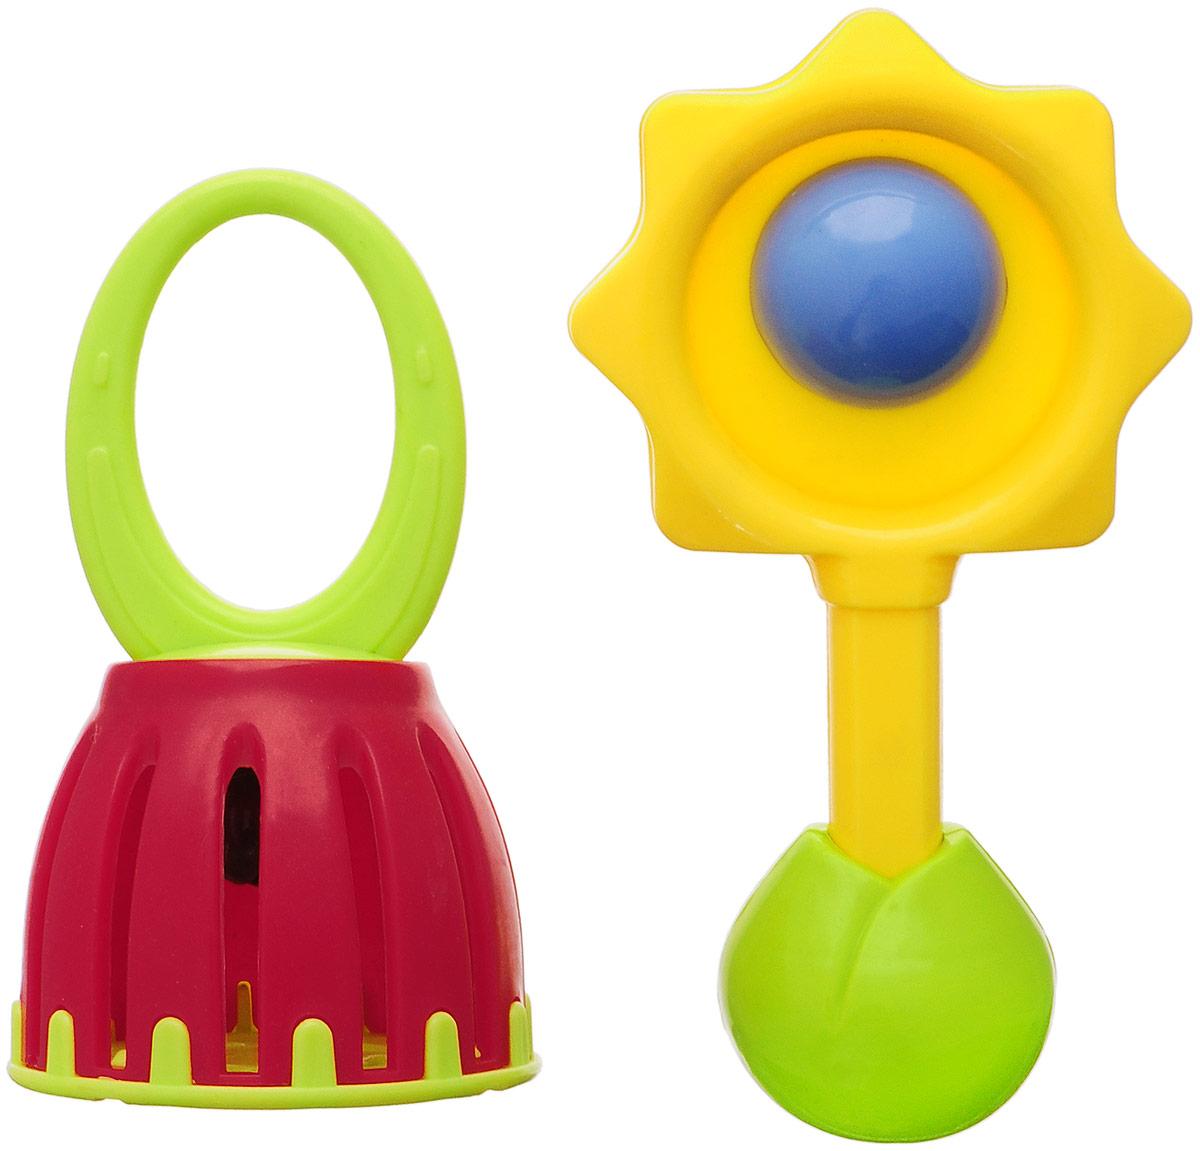 Ути-Пути Набор погремушек Гремелки-звенелки цвет желтый зеленый бордовый 2 шт